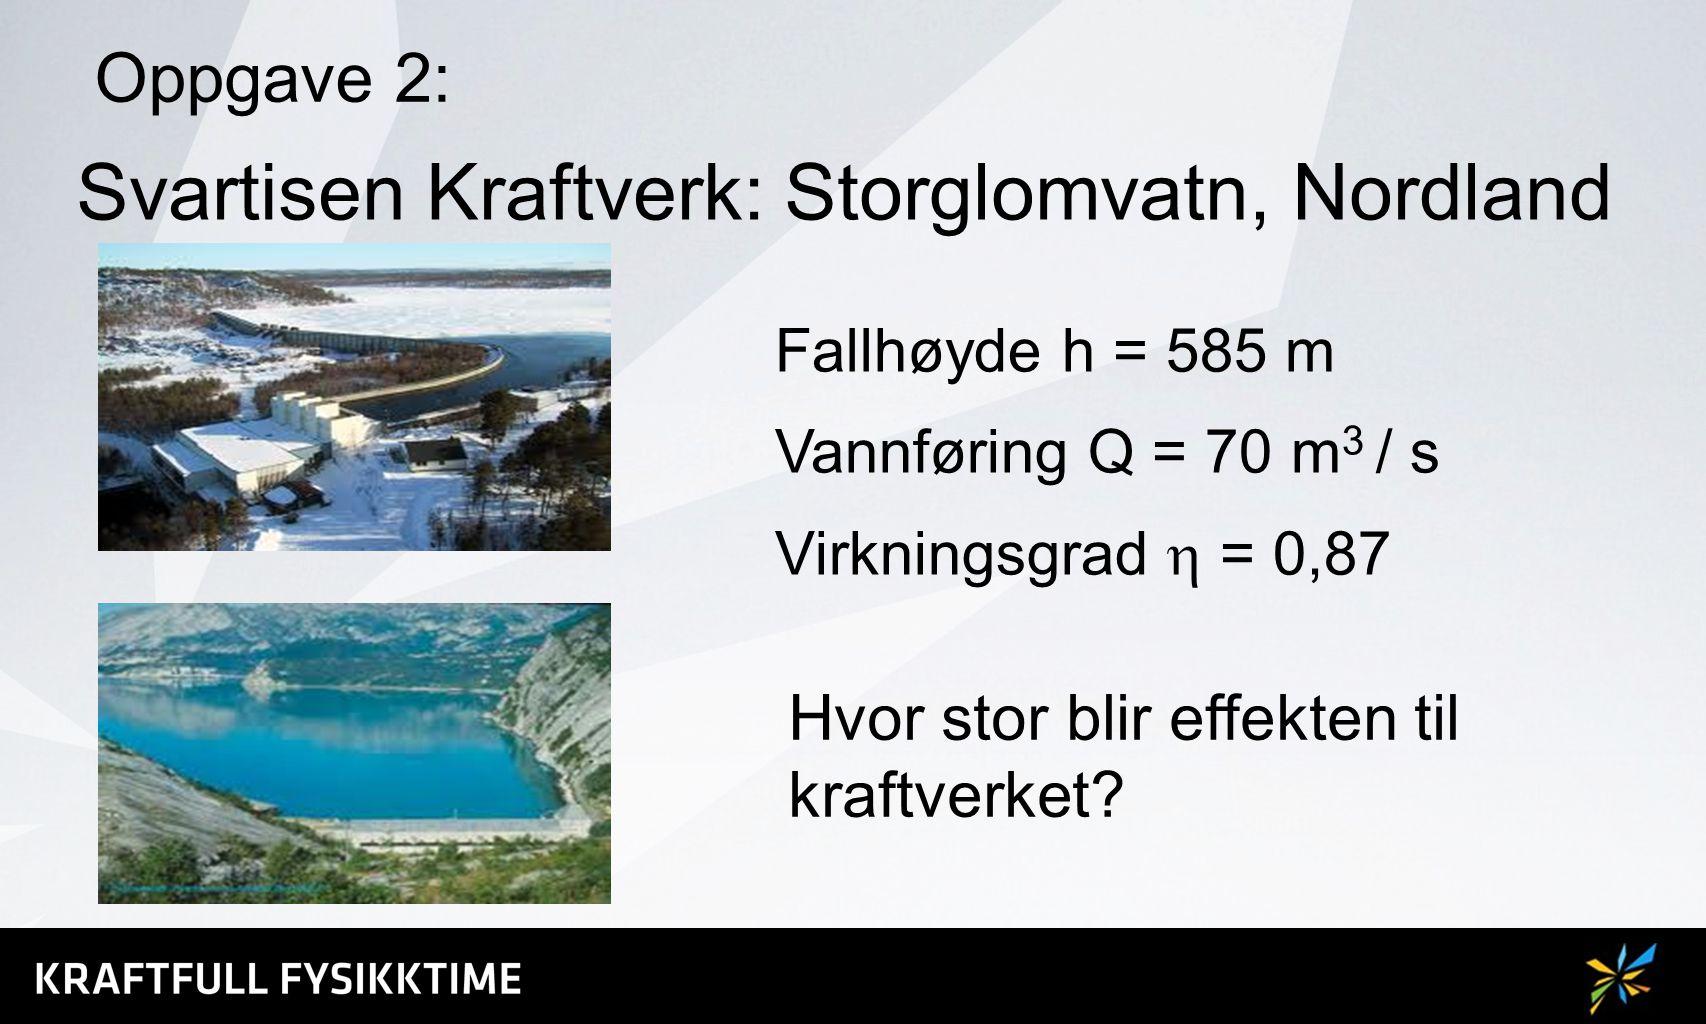 Oppgave 2: Fallhøyde h = 585 m Vannføring Q = 70 m 3 / s Virkningsgrad  = 0,87 Svartisen Kraftverk: Storglomvatn, Nordland Hvor stor blir effekten ti